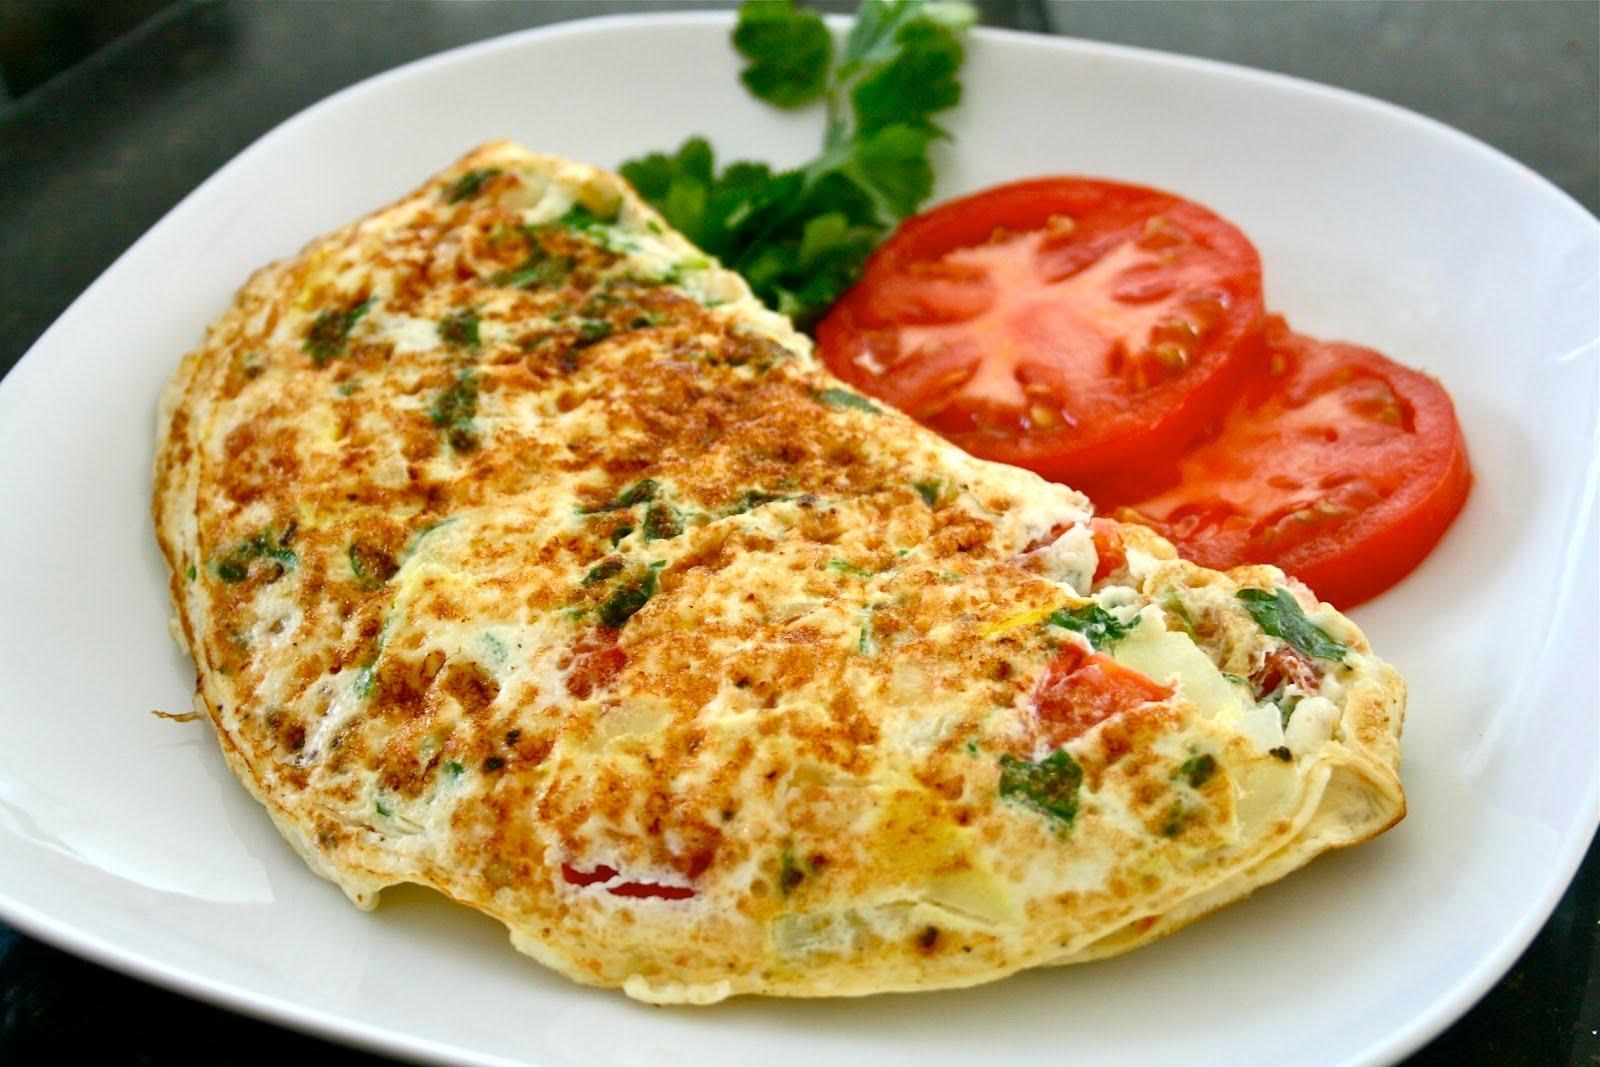 Omelette #3